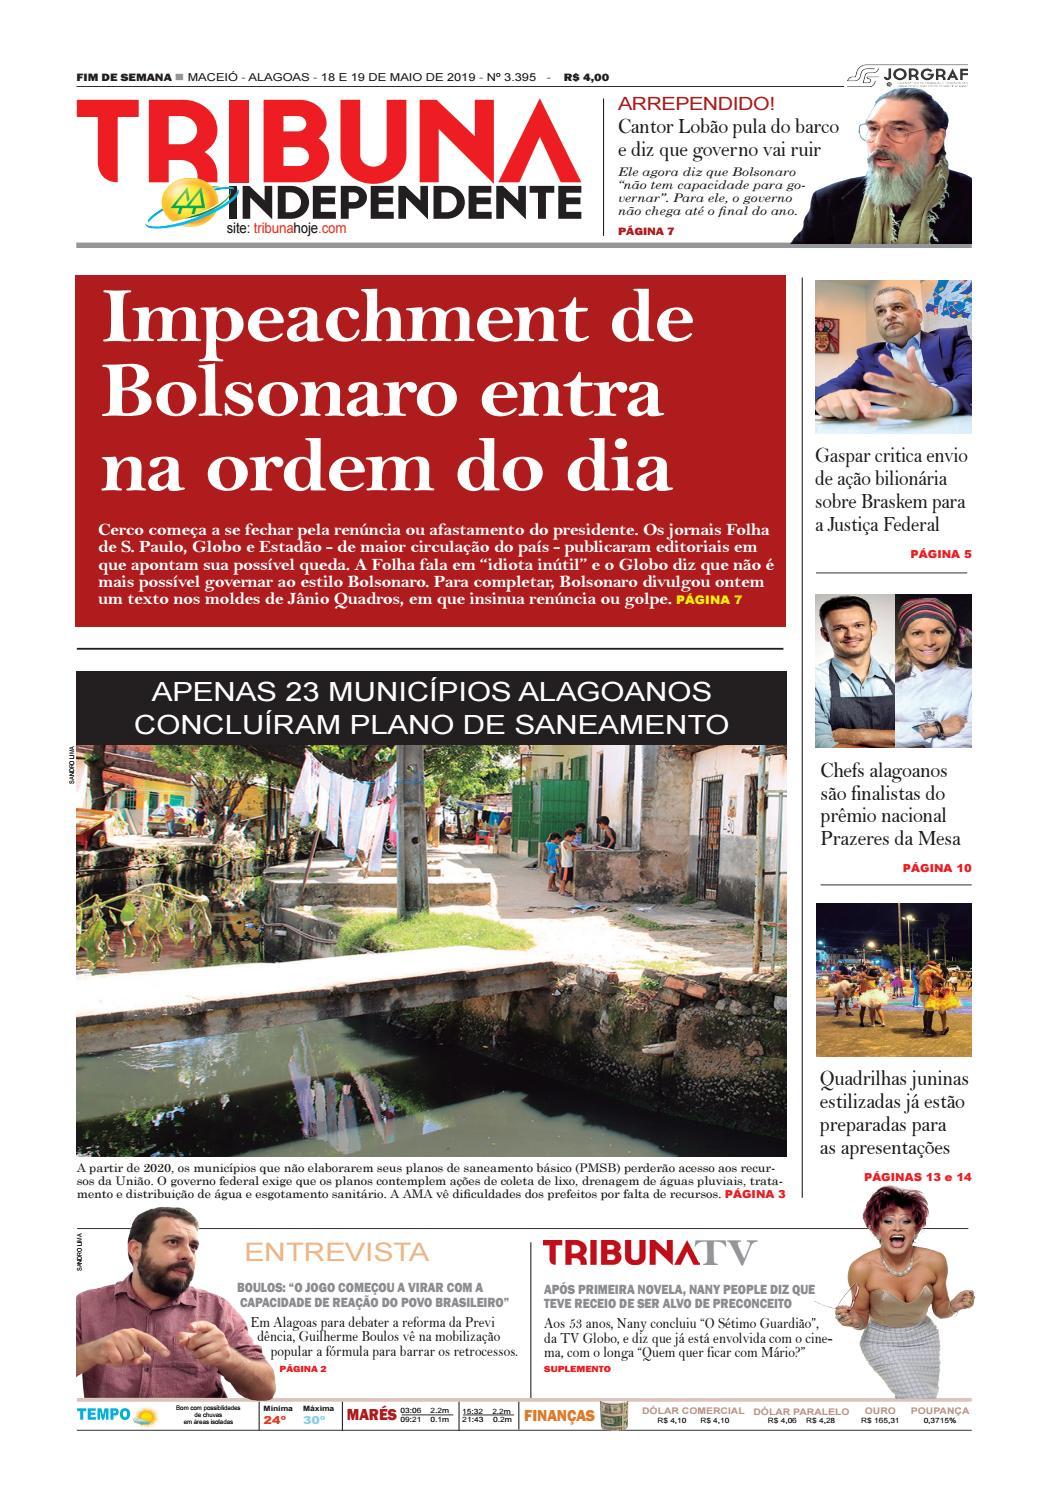 a099e7722 Edição número 3395 - 18 e 19 de maio de 2019 by Tribuna Hoje - issuu